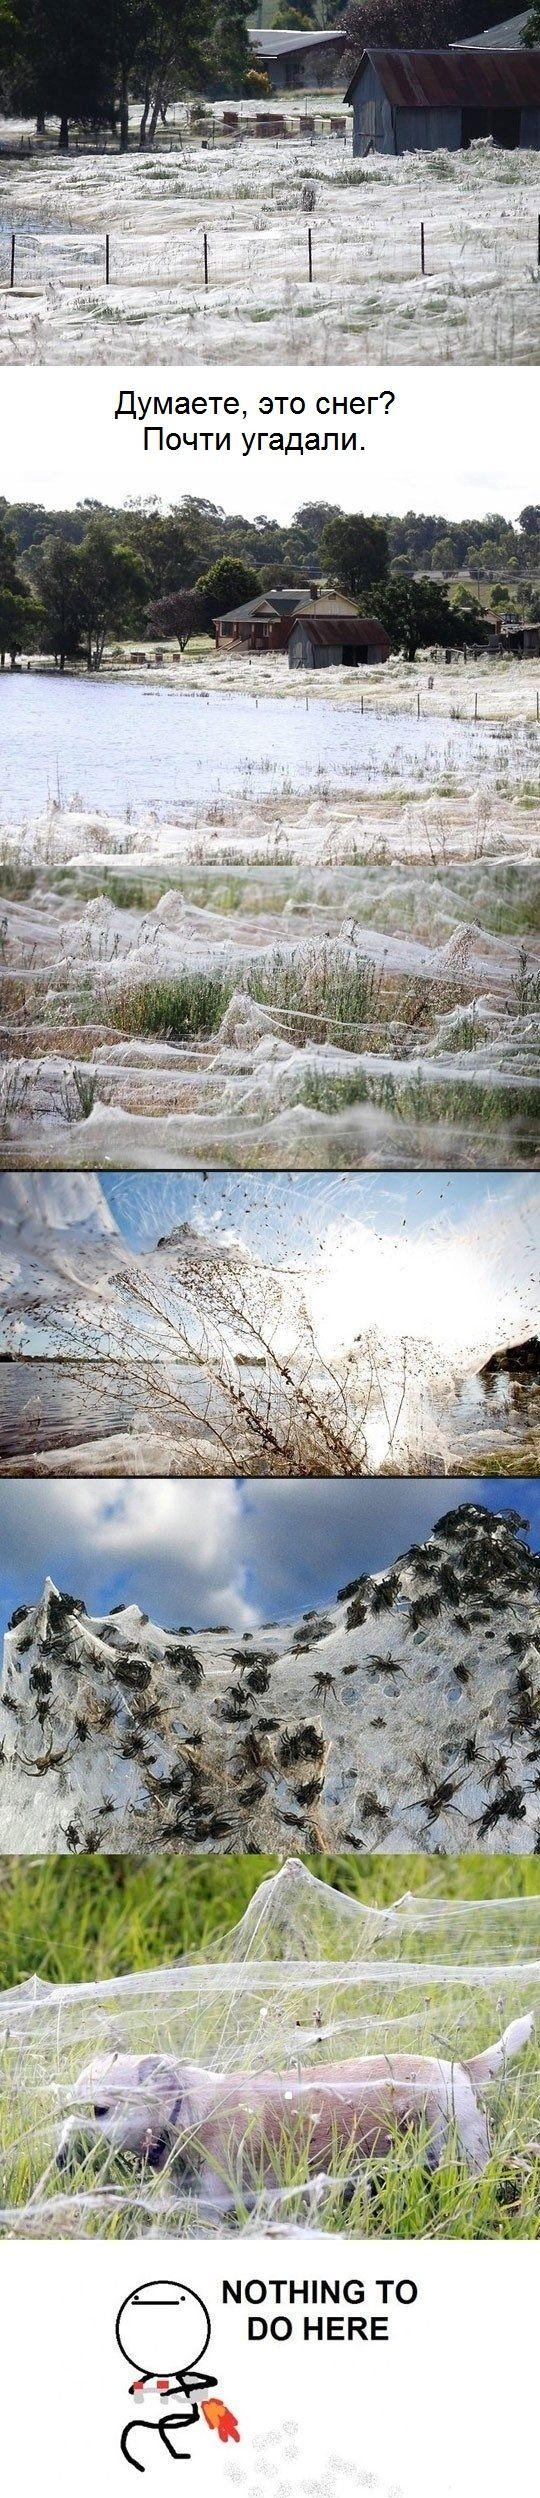 Прикольные картинки (120 фото)